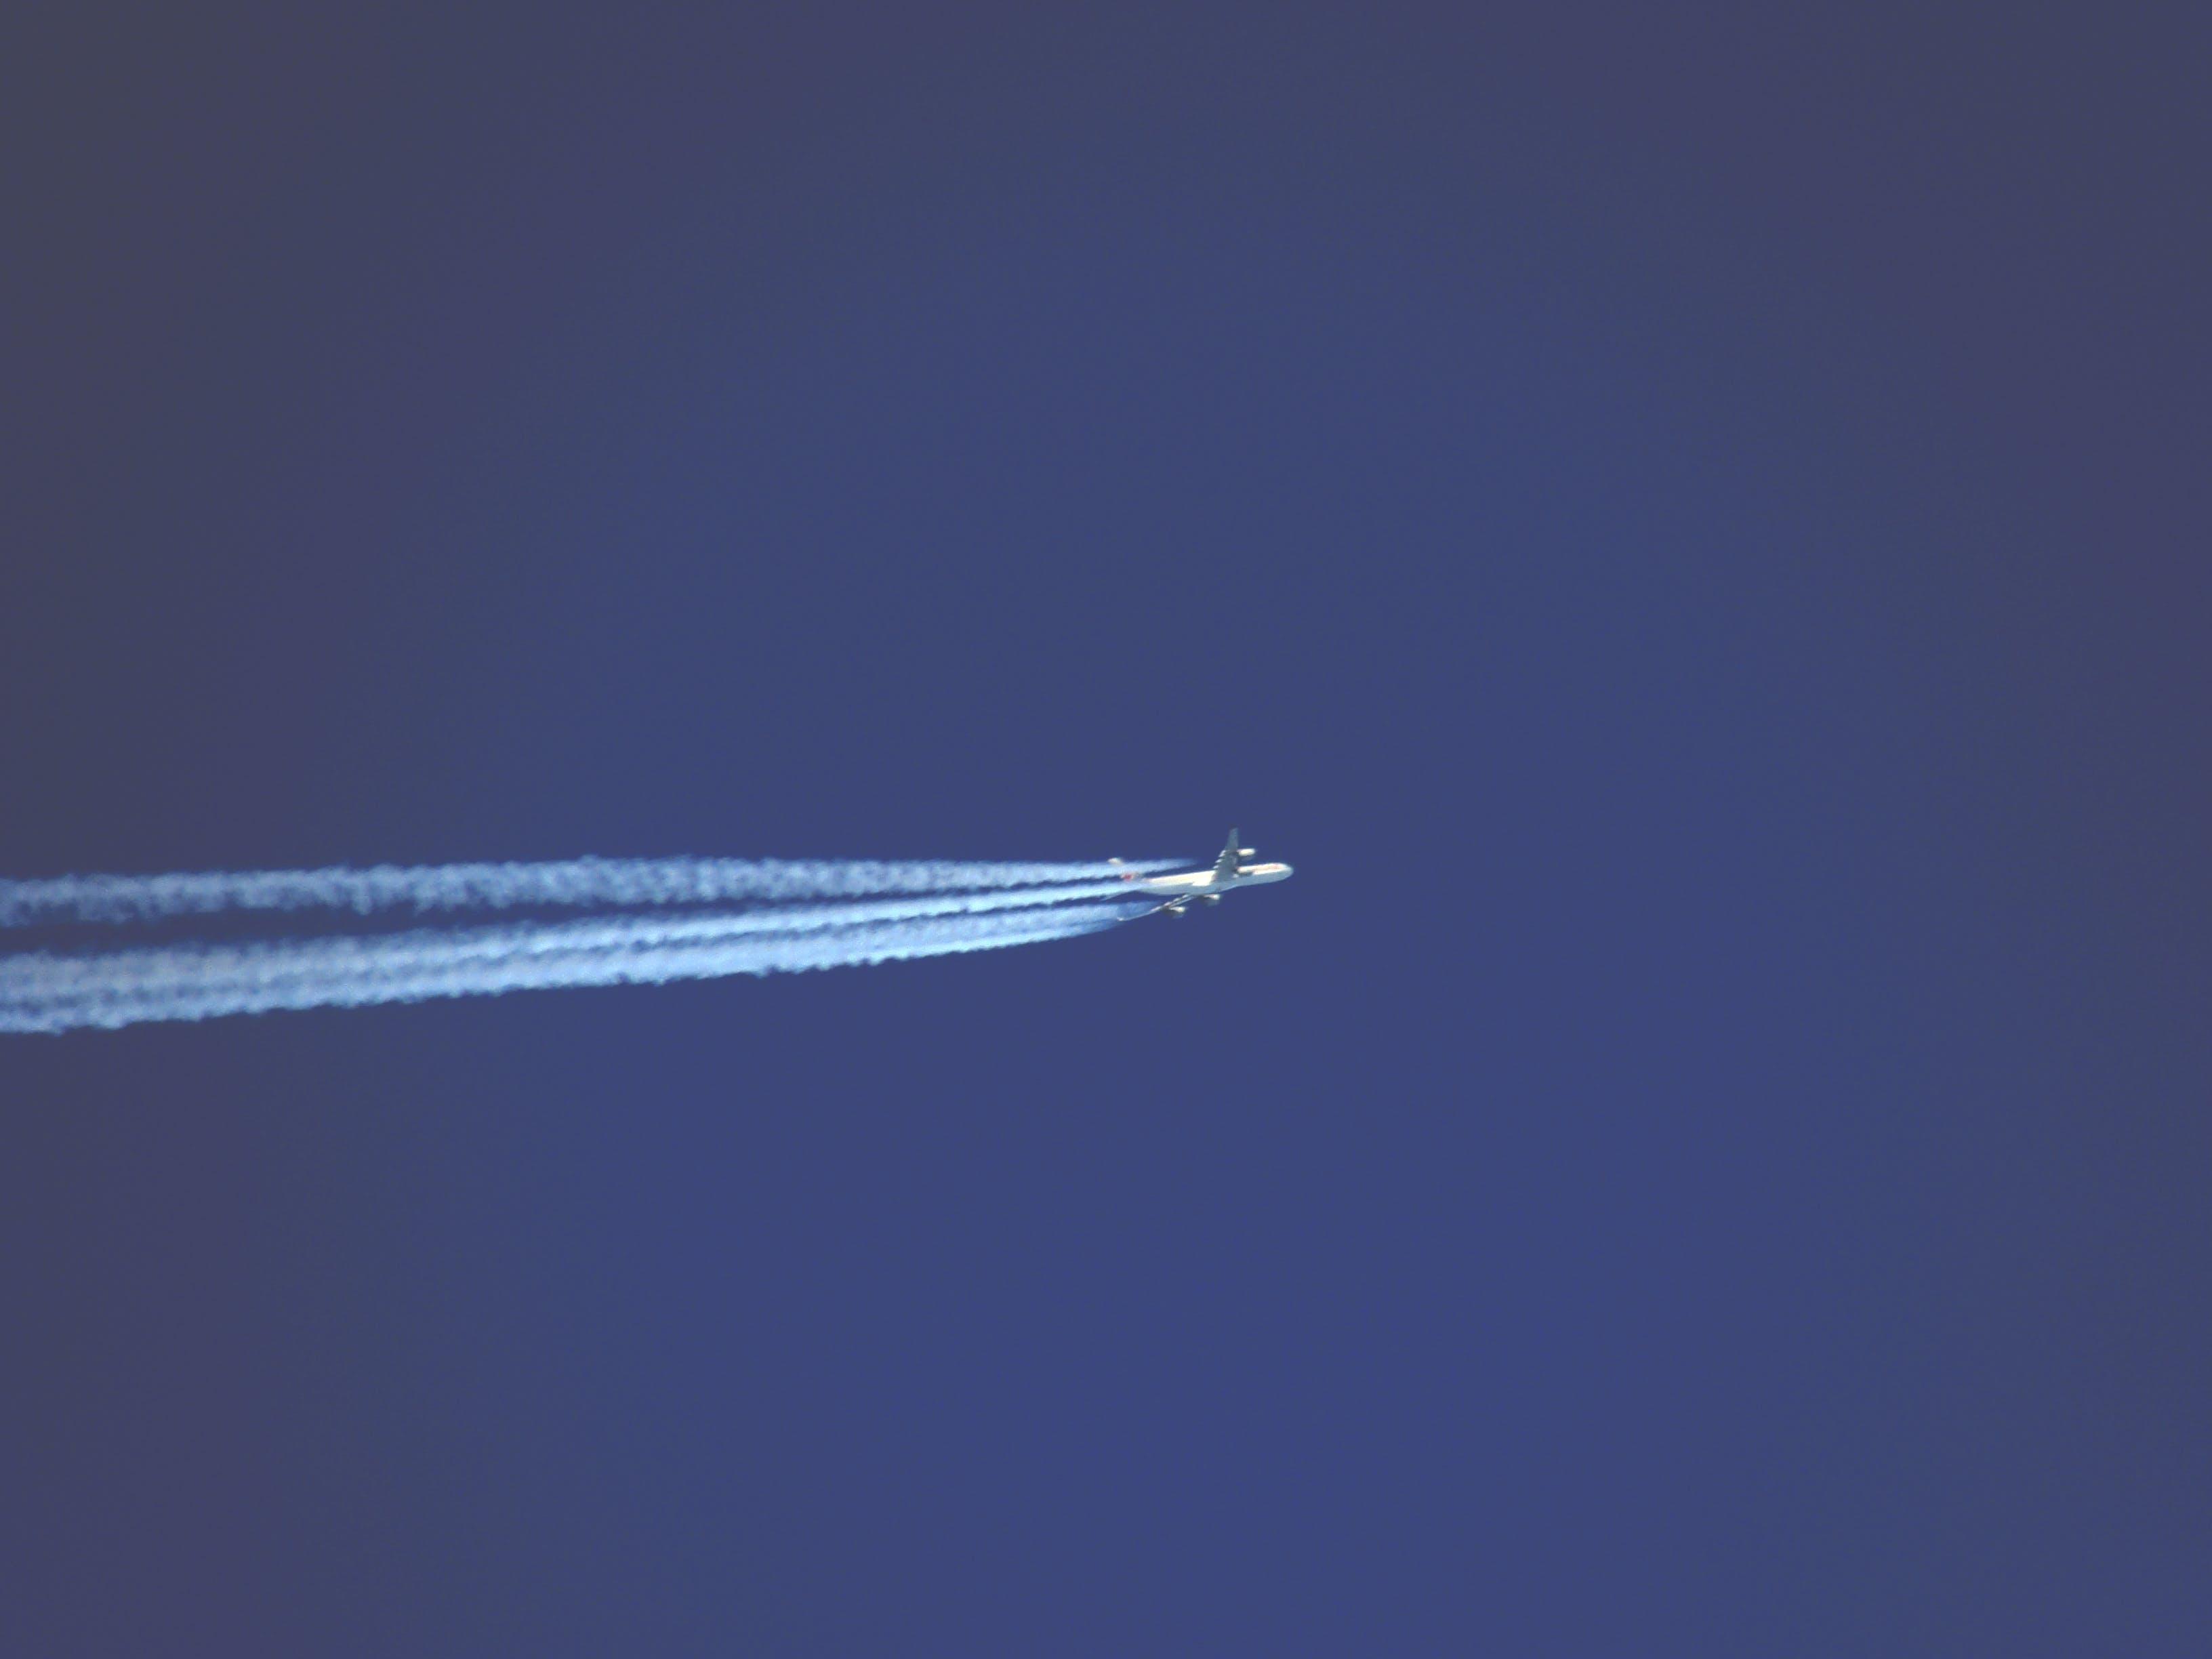 Kostenloses Stock Foto zu blau, flugzeug, himmel, hoch